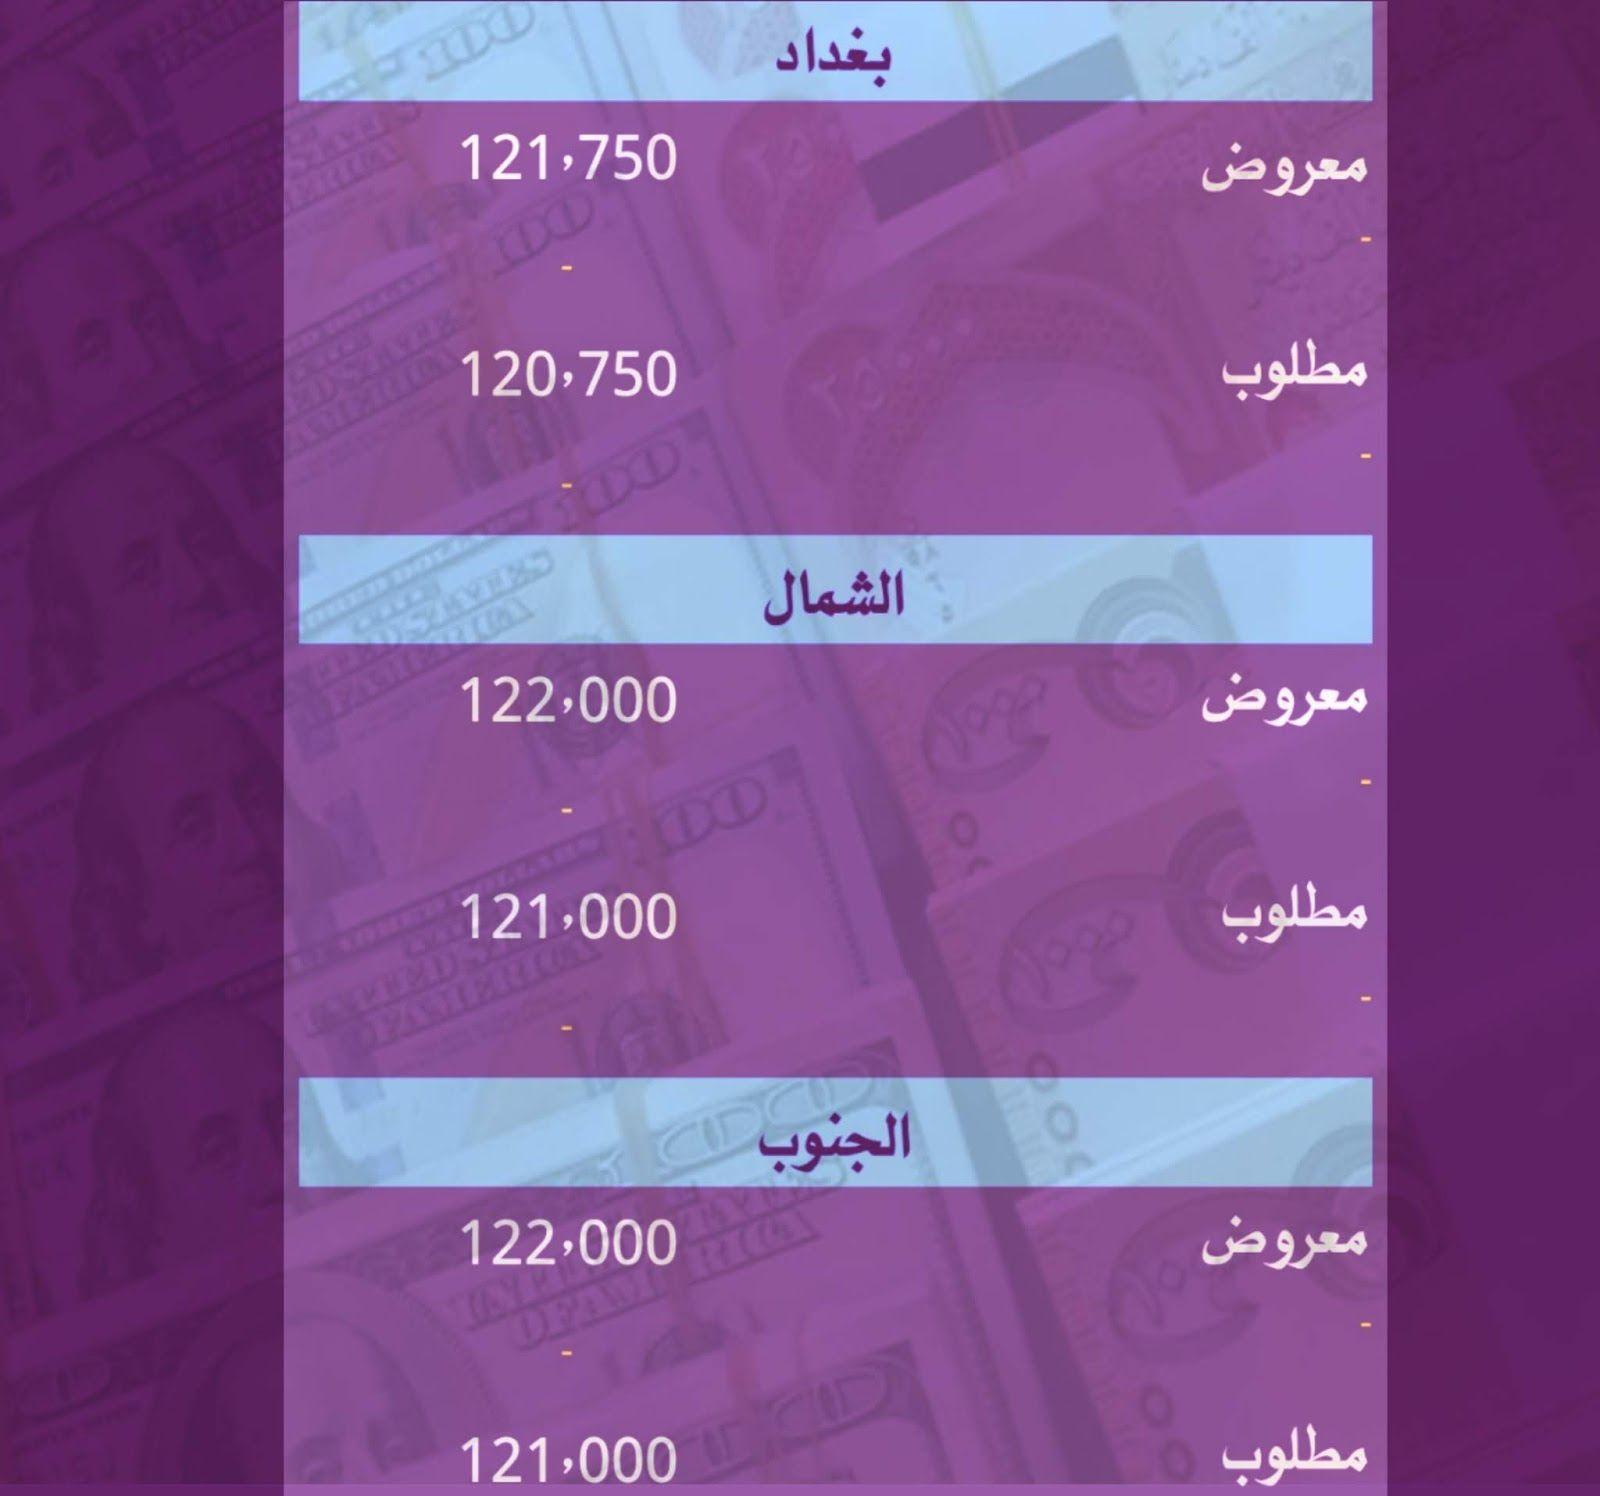 أسعار صرف الدولار الأمريكي ليوم الخميس 12 3 2020 امام الدينار العراقي واليورو والليرة والعملات العالمية أهلا Galaxy Phone Samsung Galaxy Phone Samsung Galaxy